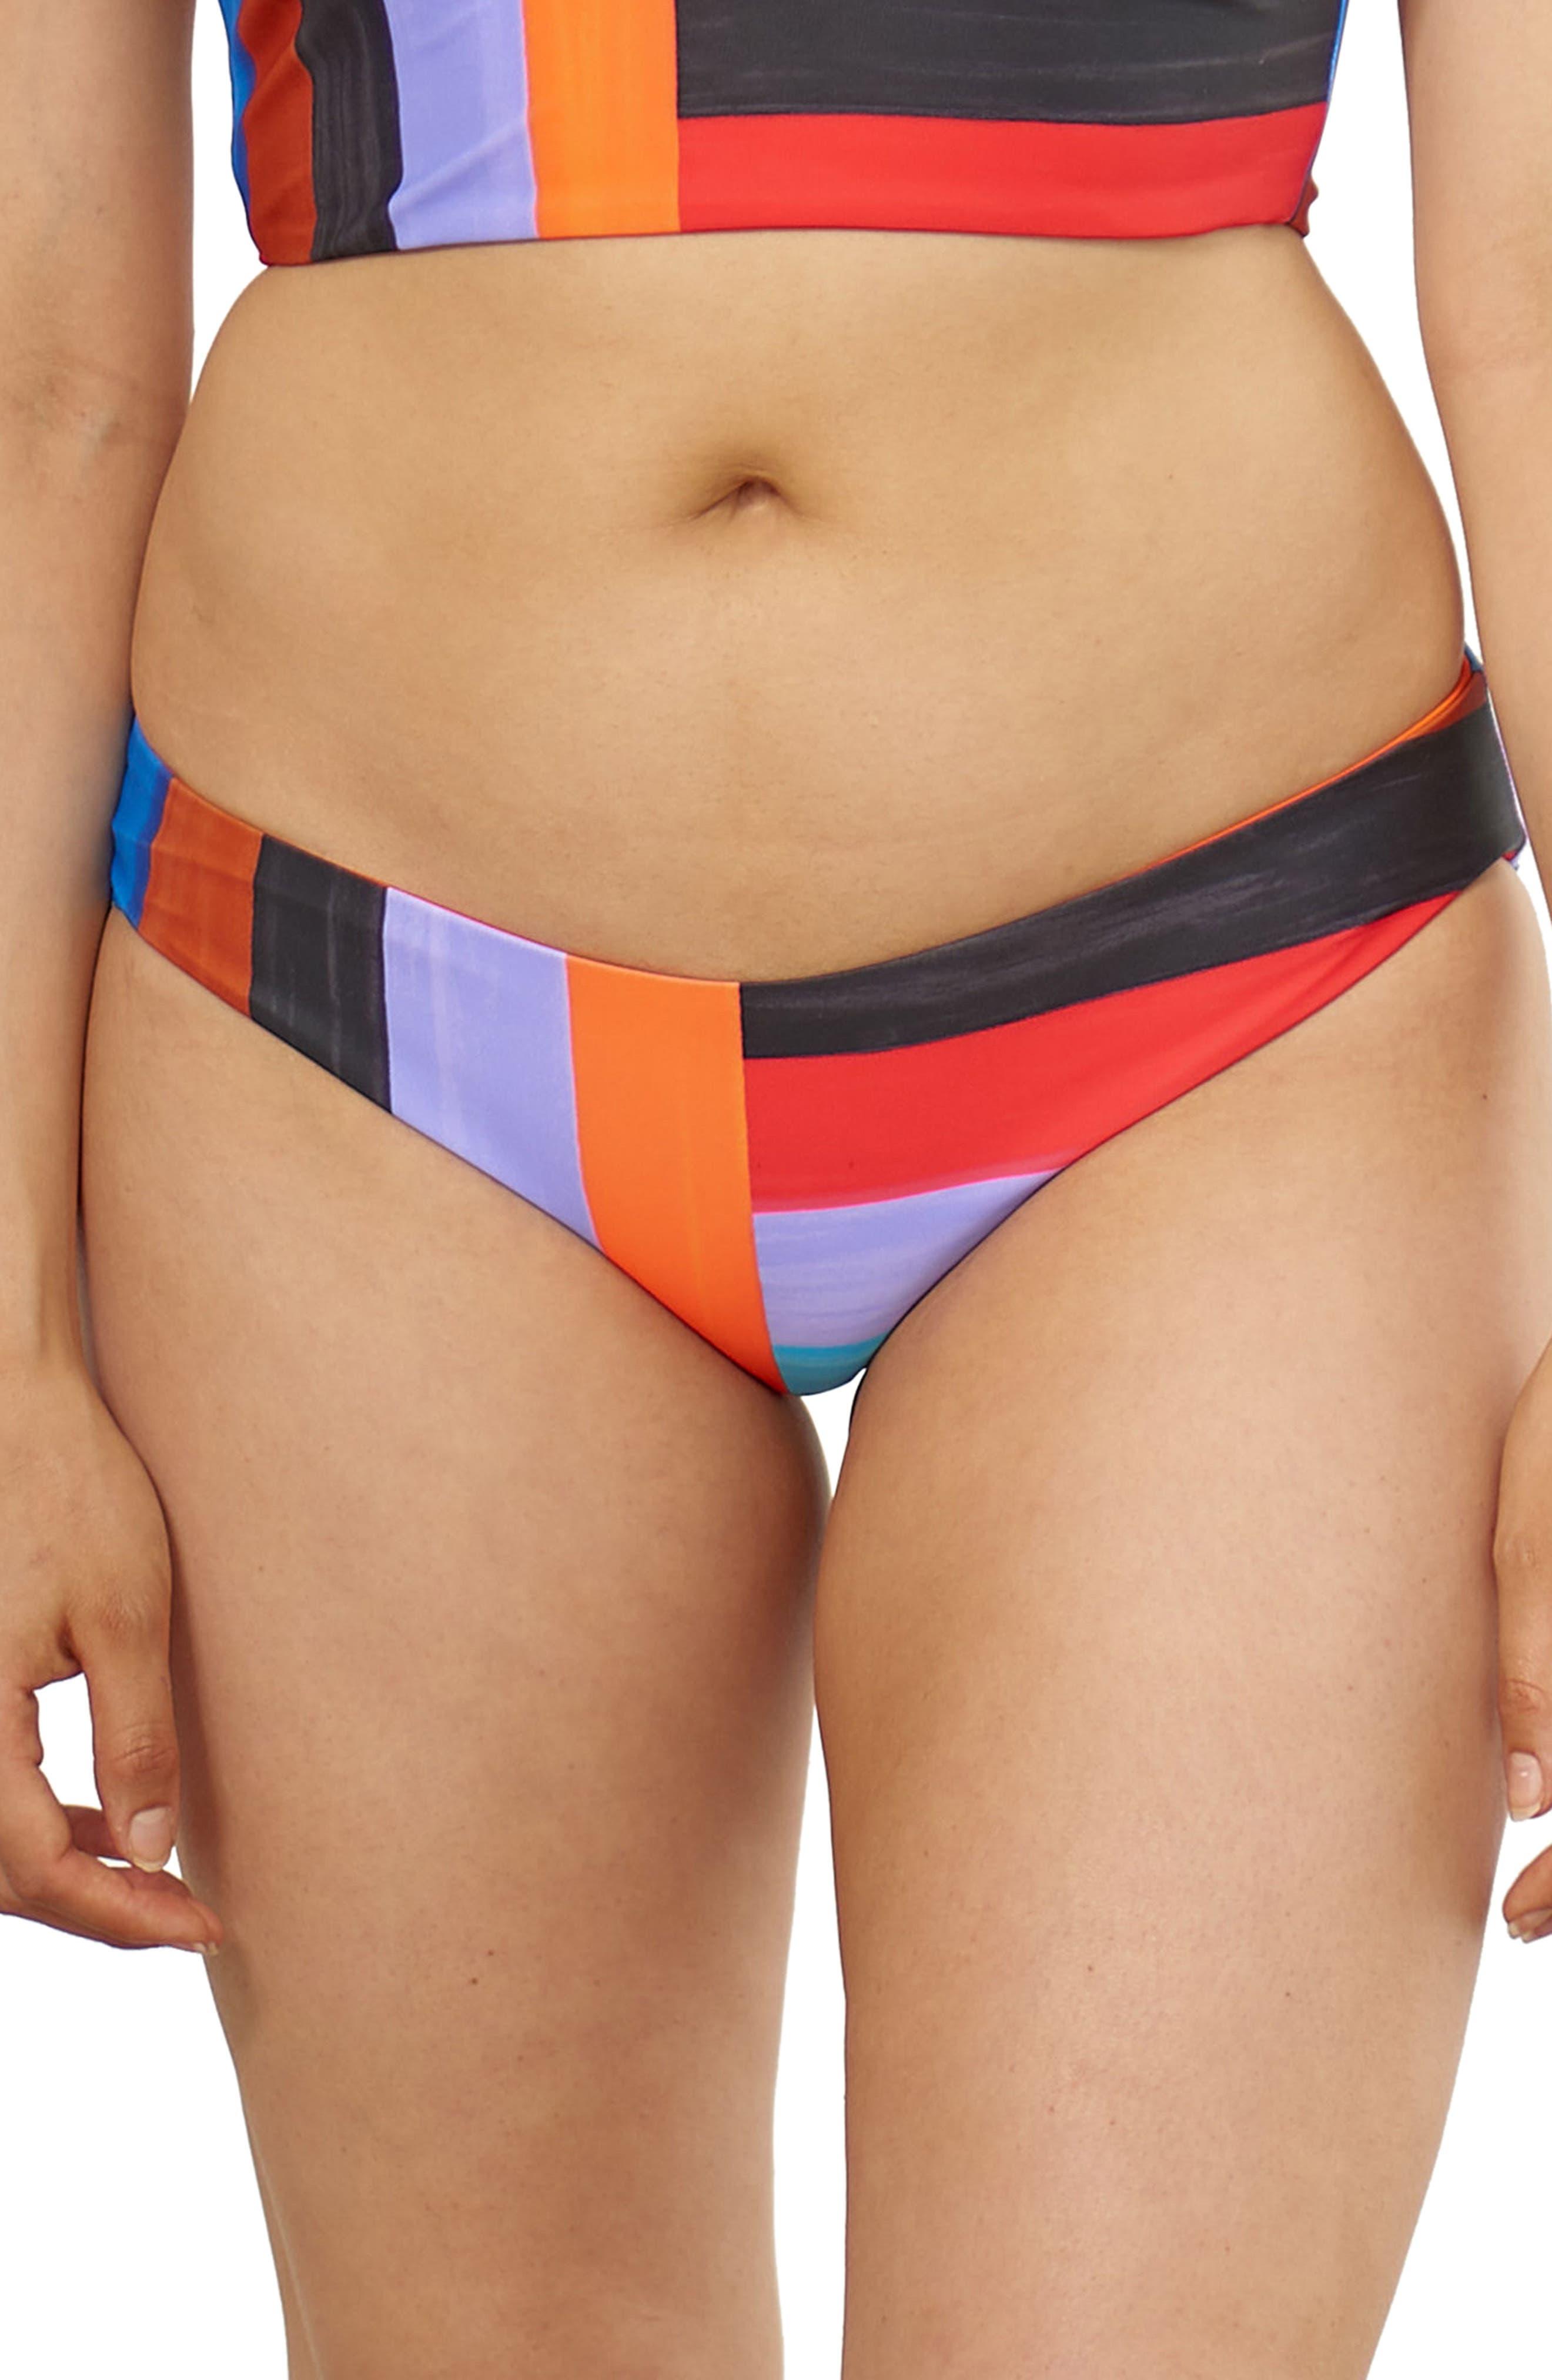 Zoa Bikini Bottoms,                             Main thumbnail 1, color,                             001